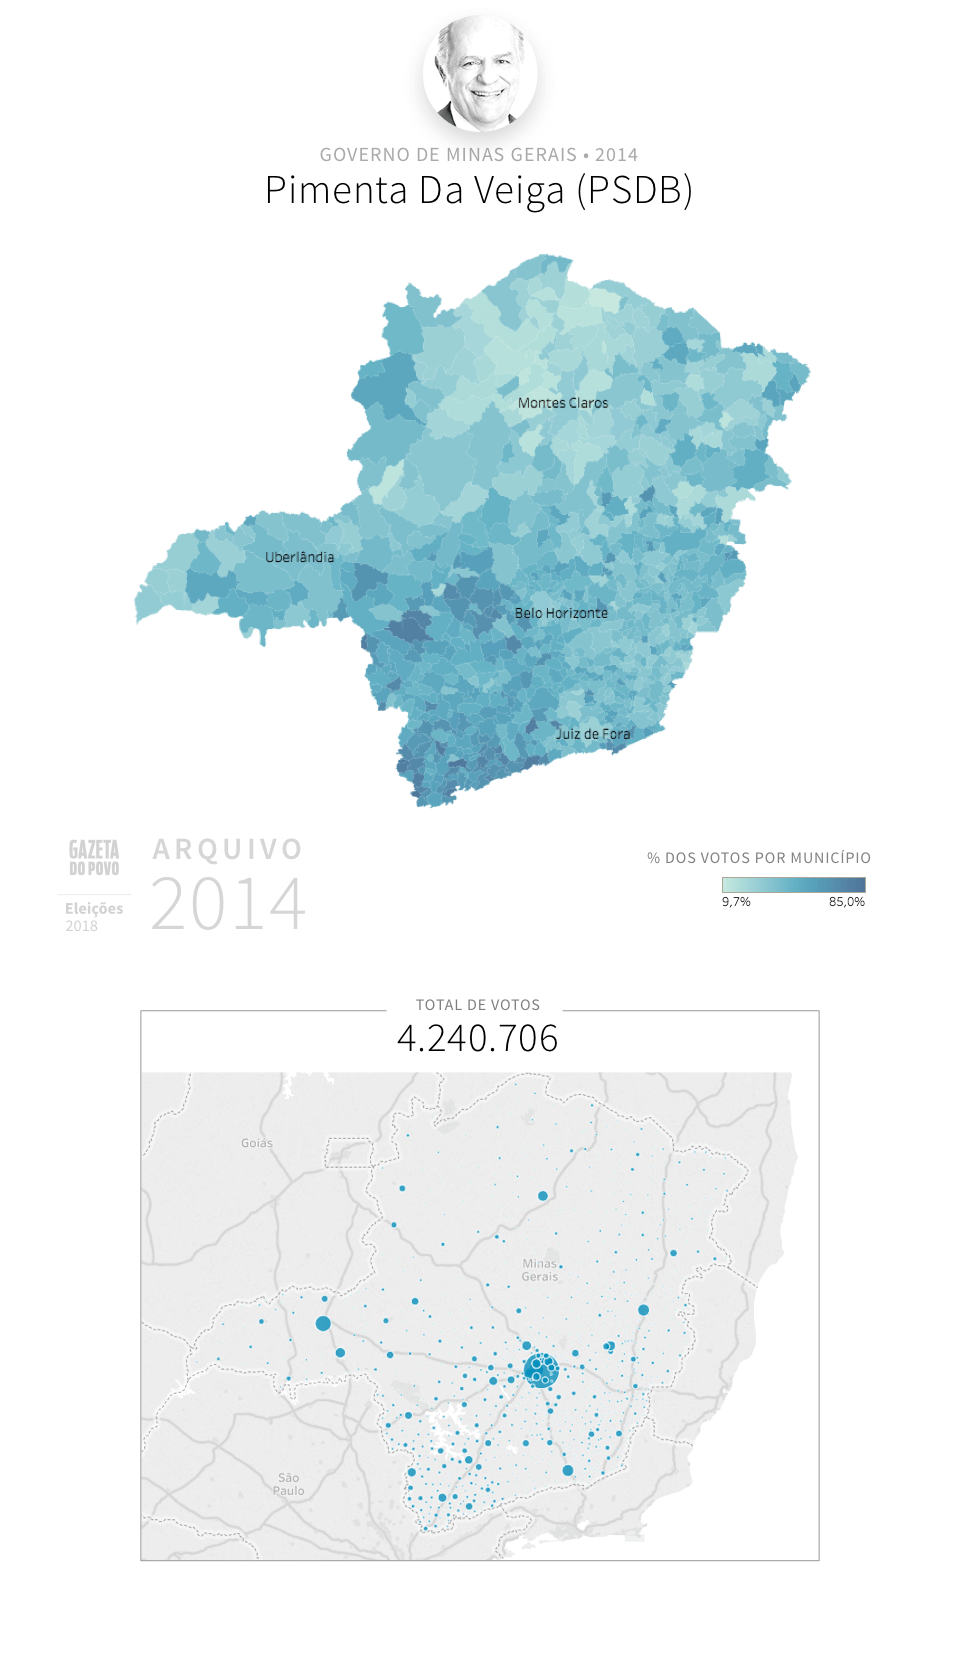 Desempenho do PSDB em Minas Gerais em 2014, na eleição para governador de Minas Gerais. Em % do total de votos em cada município.